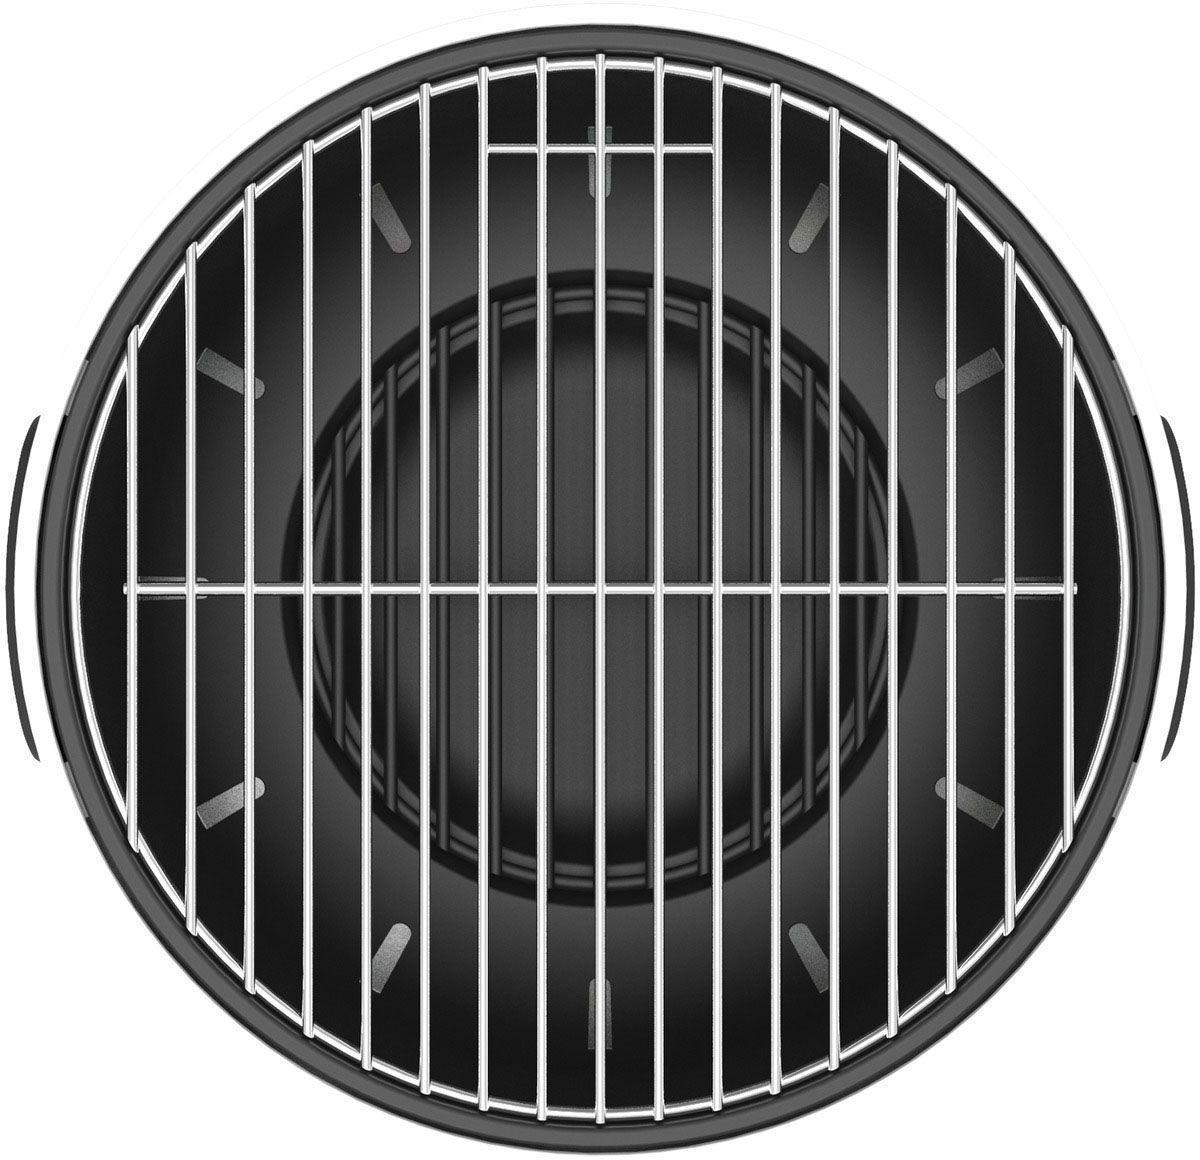 Барбекюгриль BergHOFF Studio настольный цвет  черный диаметр 35 см